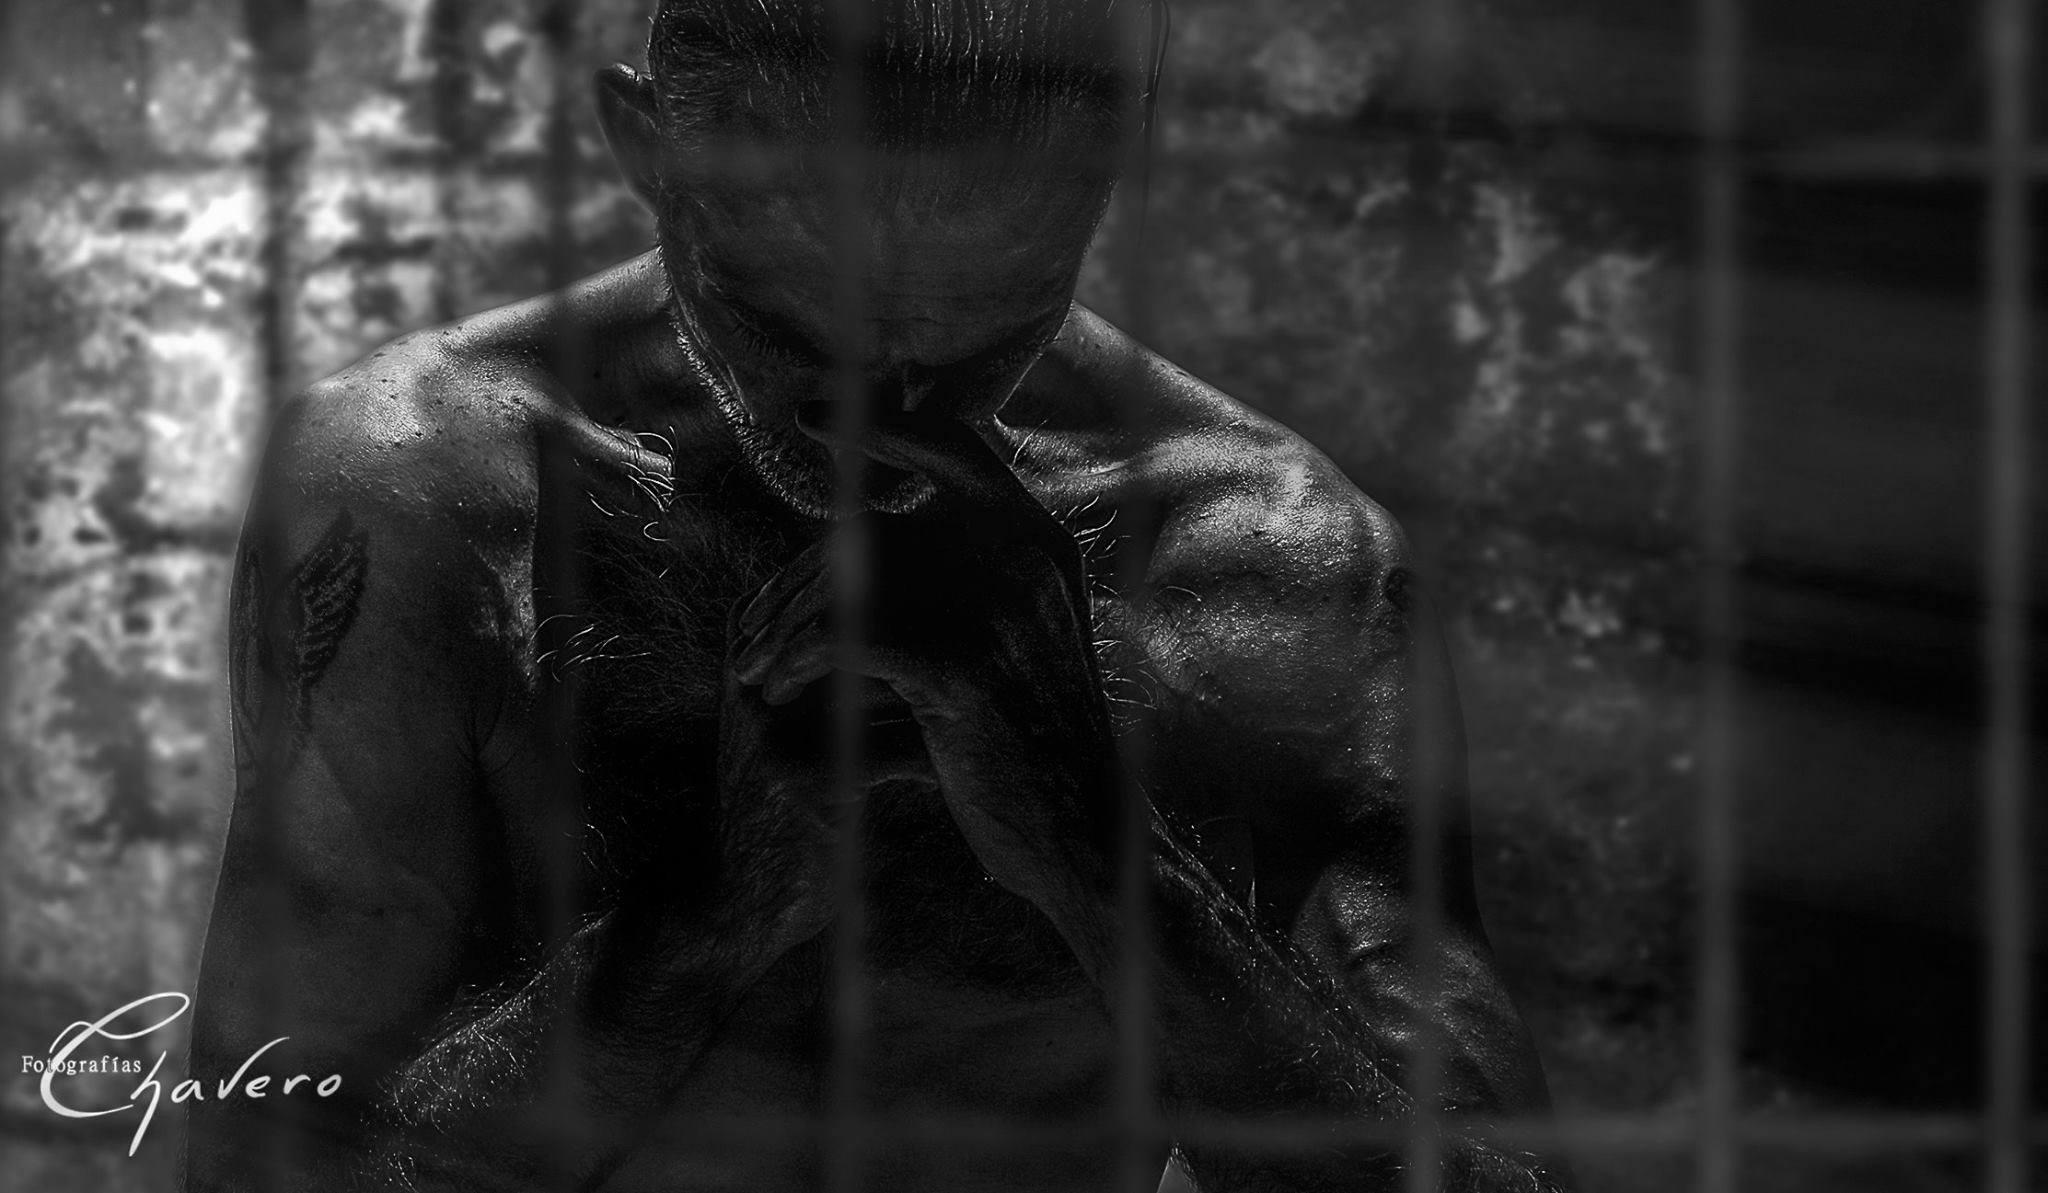 Y esta ha sido una de mis elecciones ganadores y creo que es obvio el motivo, un blanco y negro impresionante y una fotografía con una fuerza que te llega al corazón. Su creador es  Jose Luis Chavero Muchísimas felicidades! es un FOTÓN GANADORA #17INDEFENSO